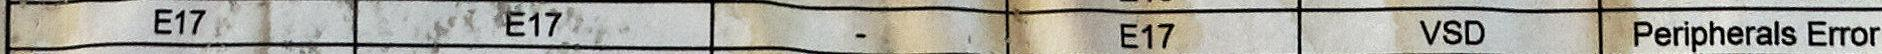 Actron-1-detail-3.jpeg